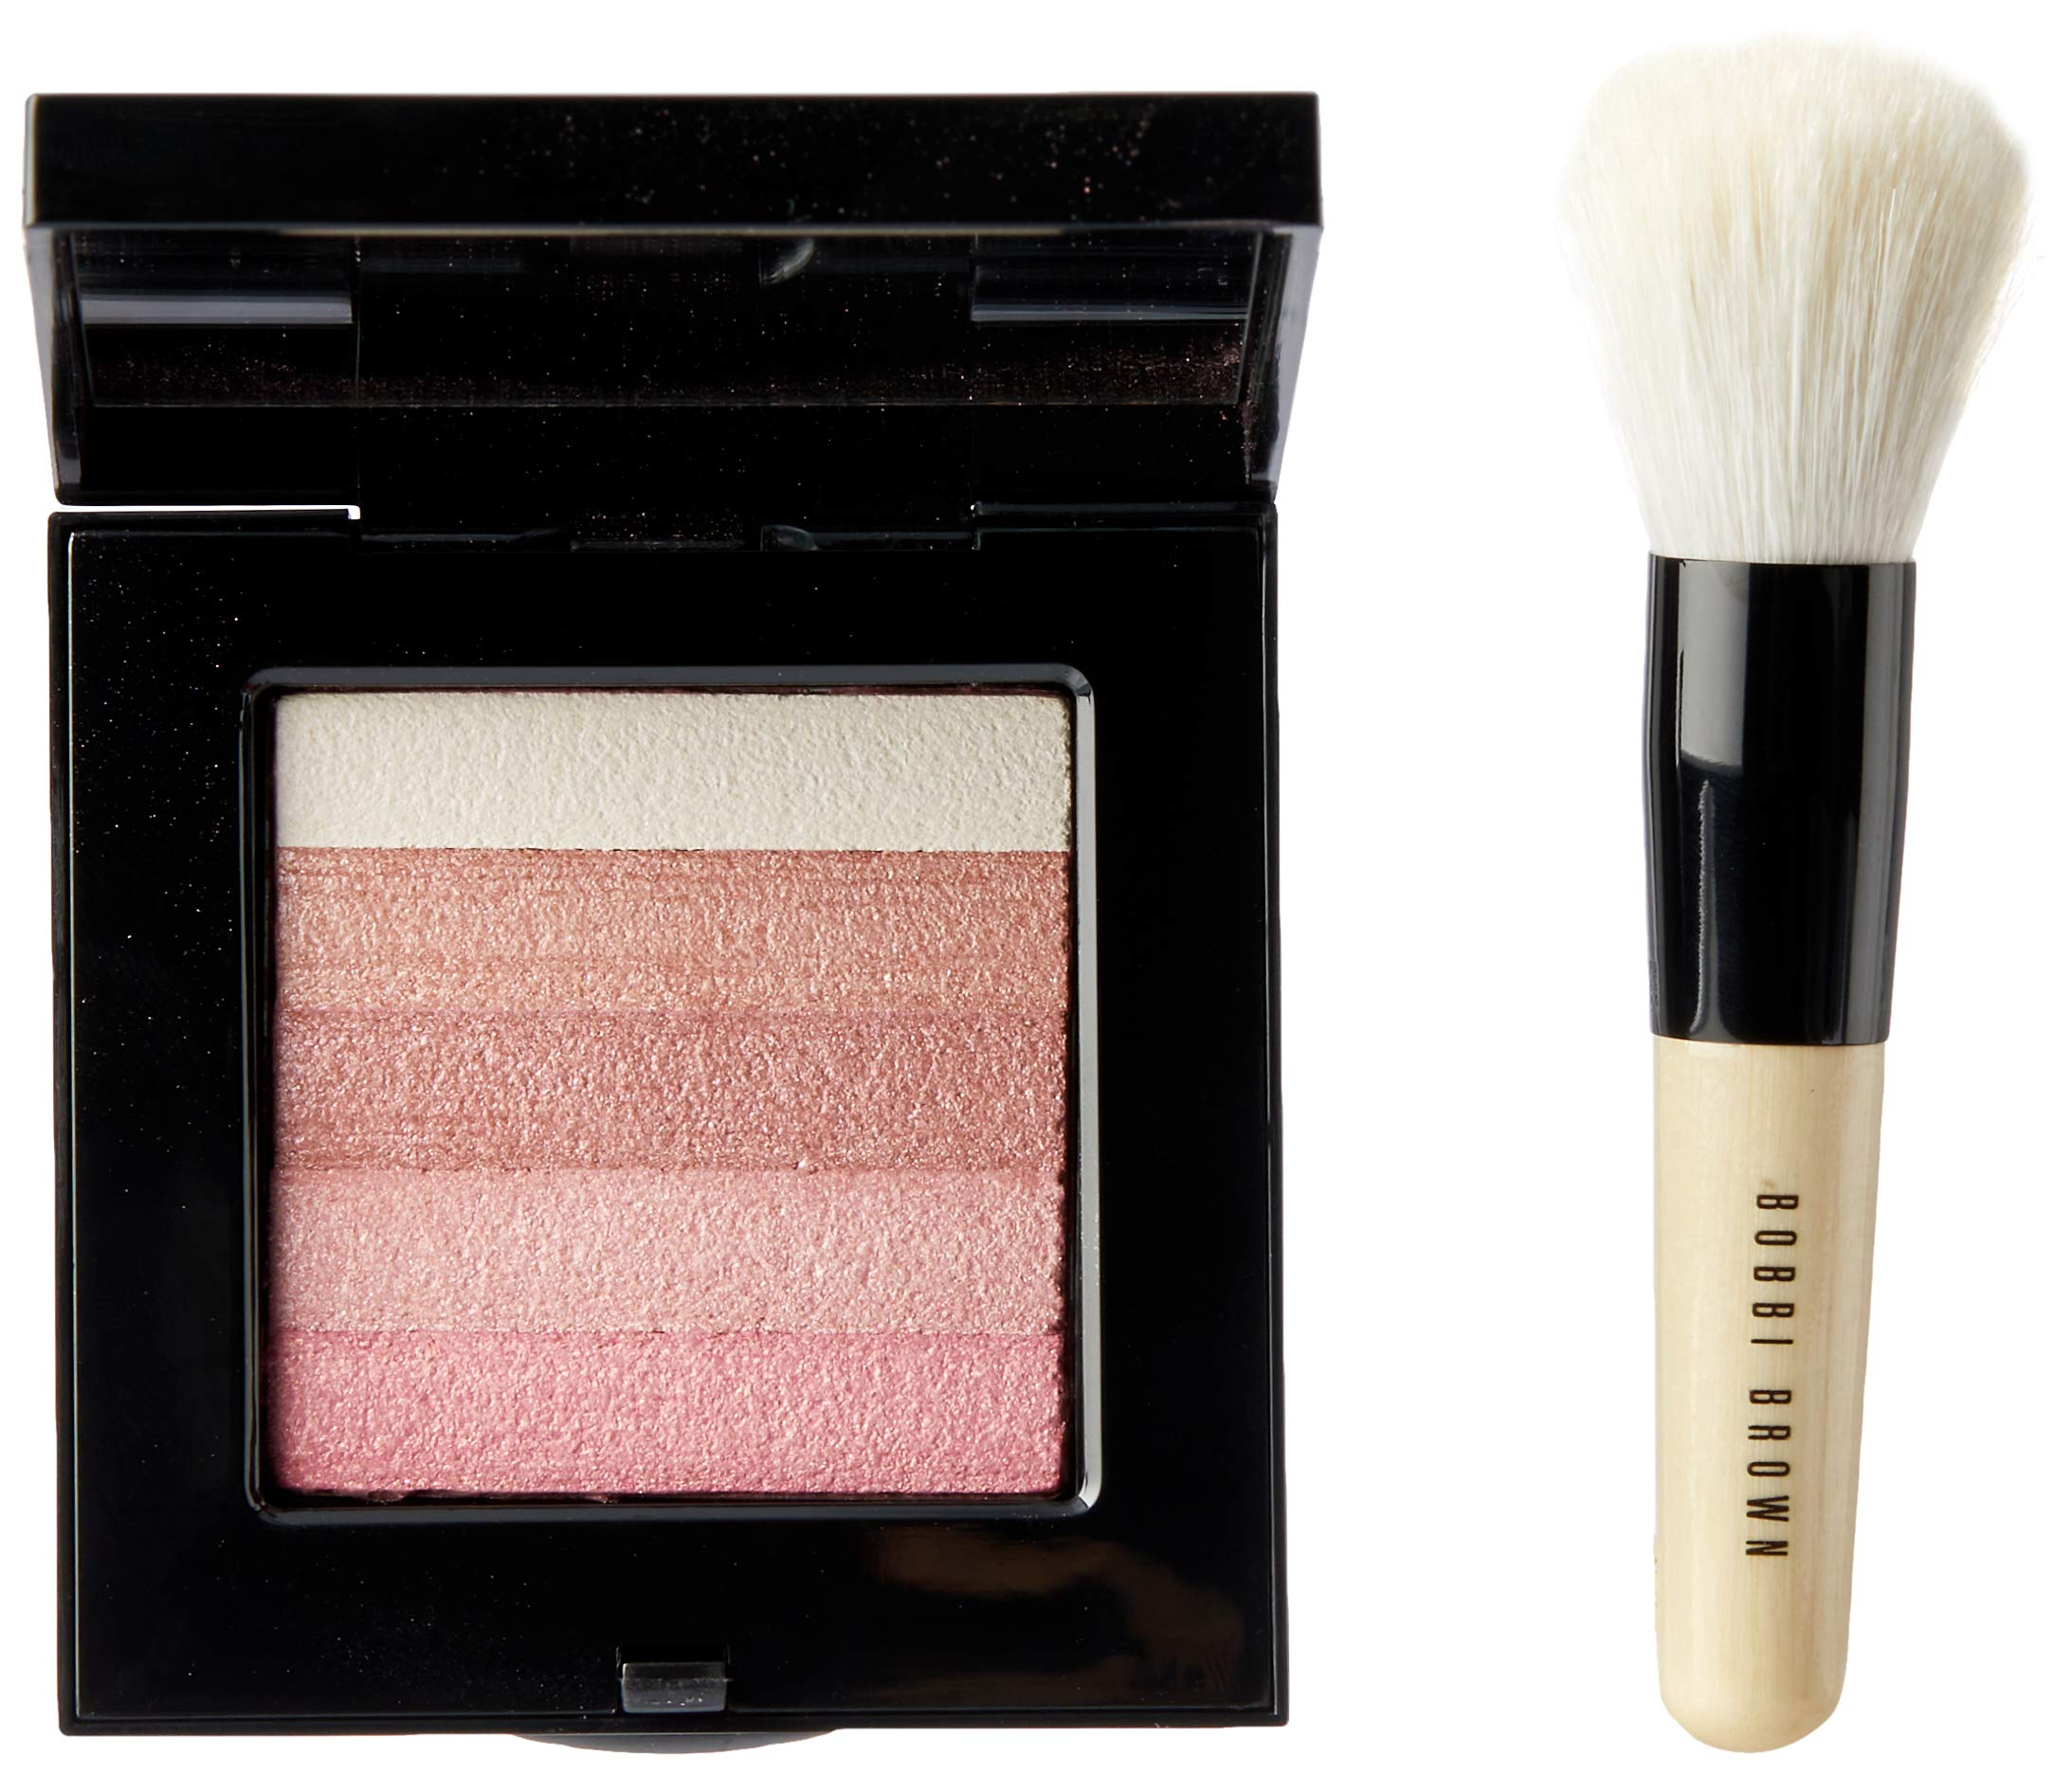 Bobbi Brown Rose Shimmer Brick Set, Limited Edition, 1 Count by Bobbi Brown (Image #4)